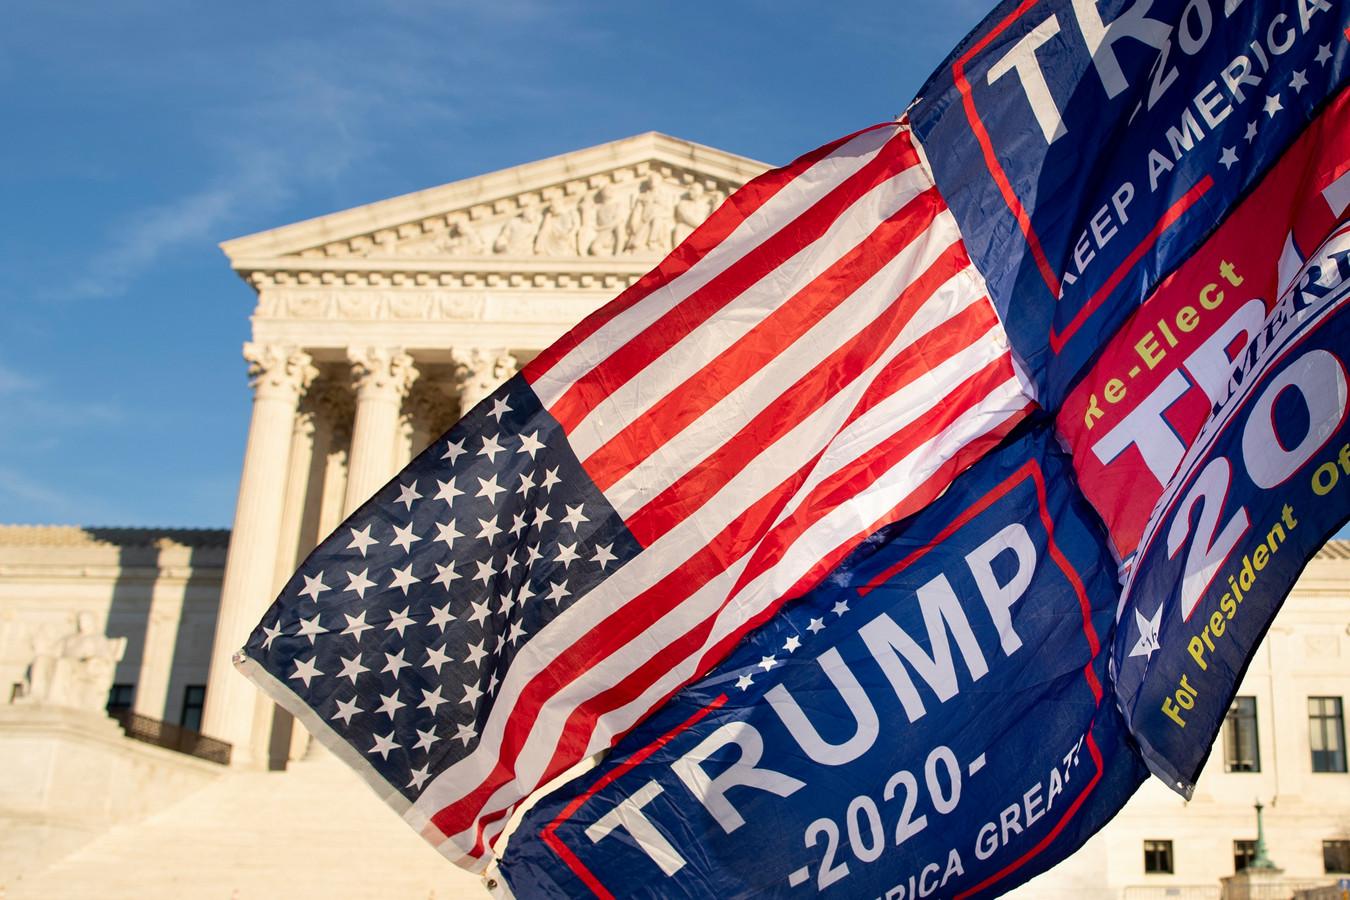 Pro-Trumpvlaggen en de Amerikaanse vlag wapperen voor het hooggerechtshof in Washington.